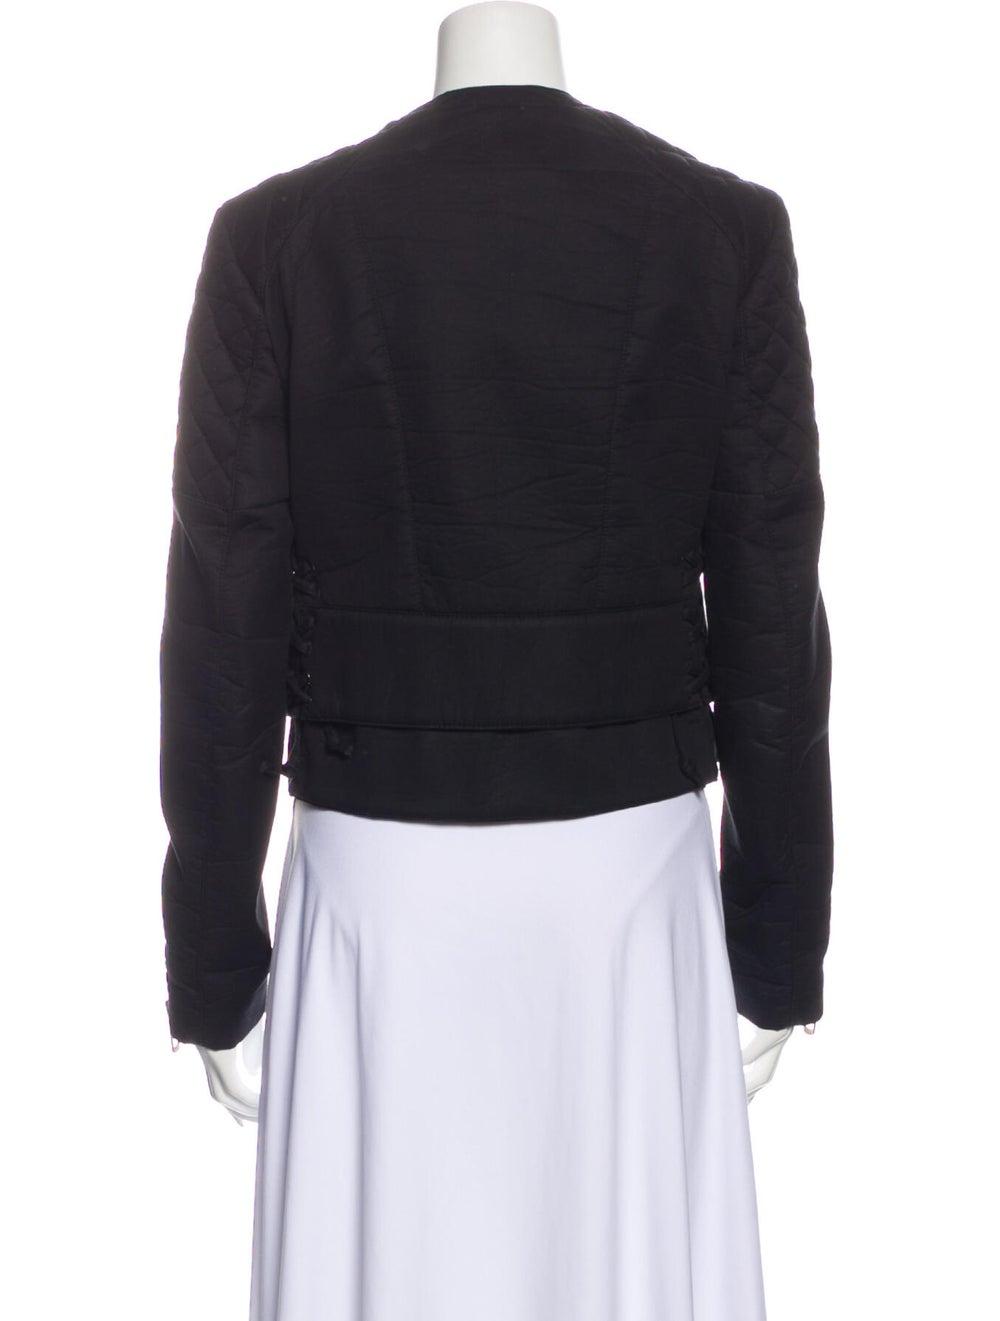 Balenciaga 2012 Blazer Black - image 3